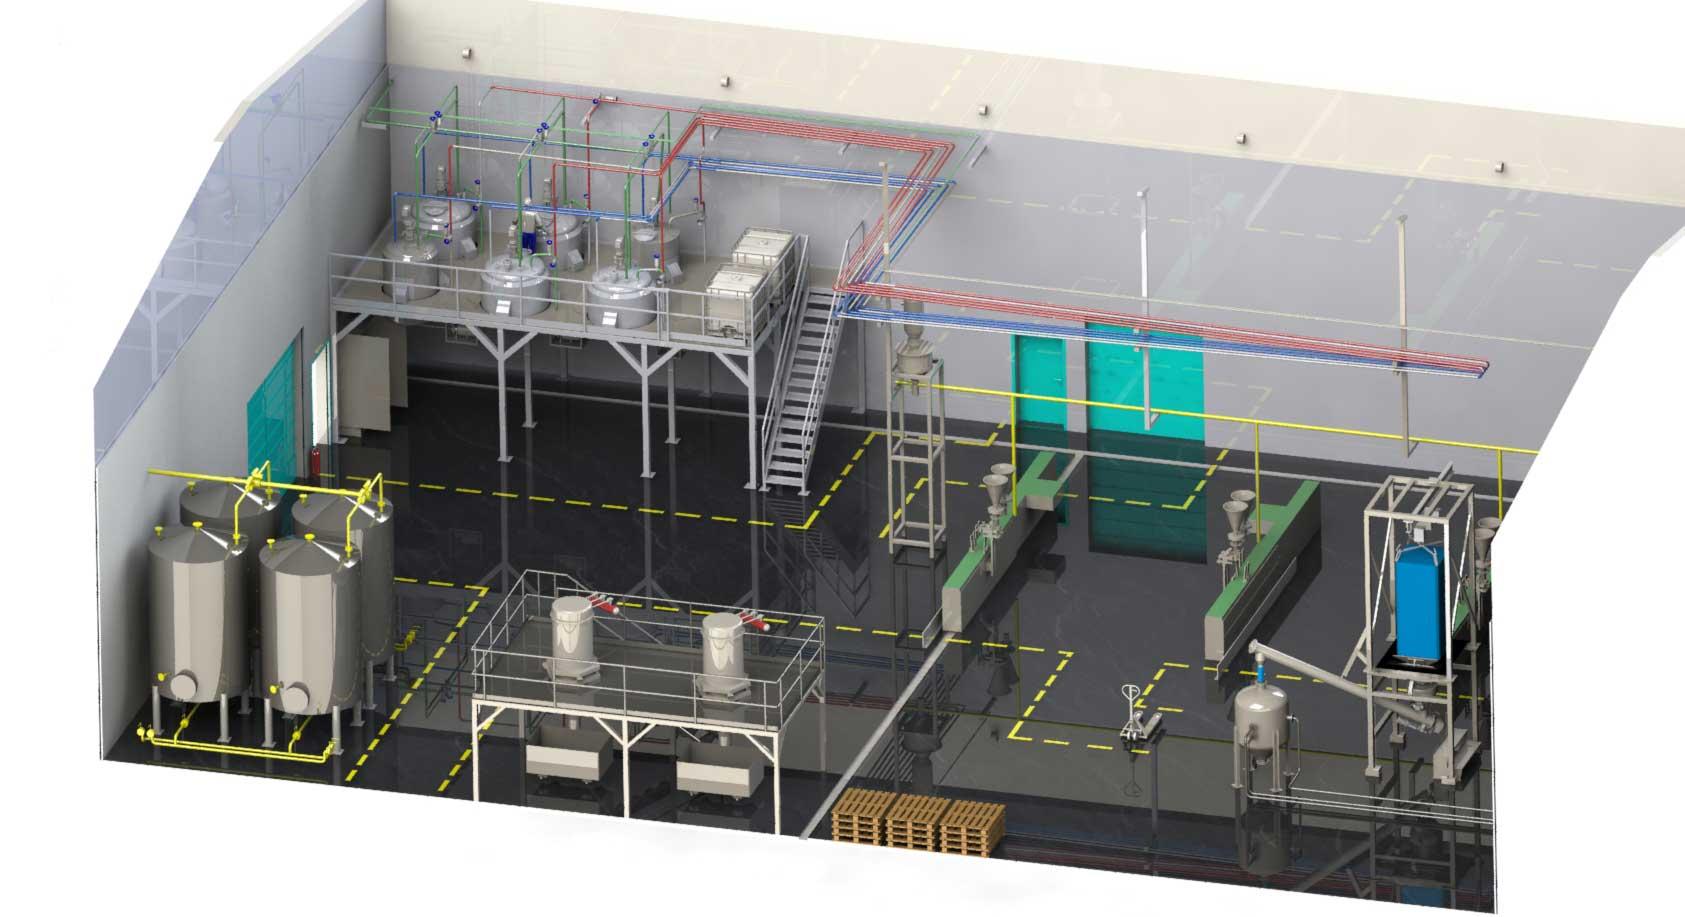 Ingeniería de Procesos Productivos. Diseño, Construcción y Fabricación de Plantas de Producción Industriales